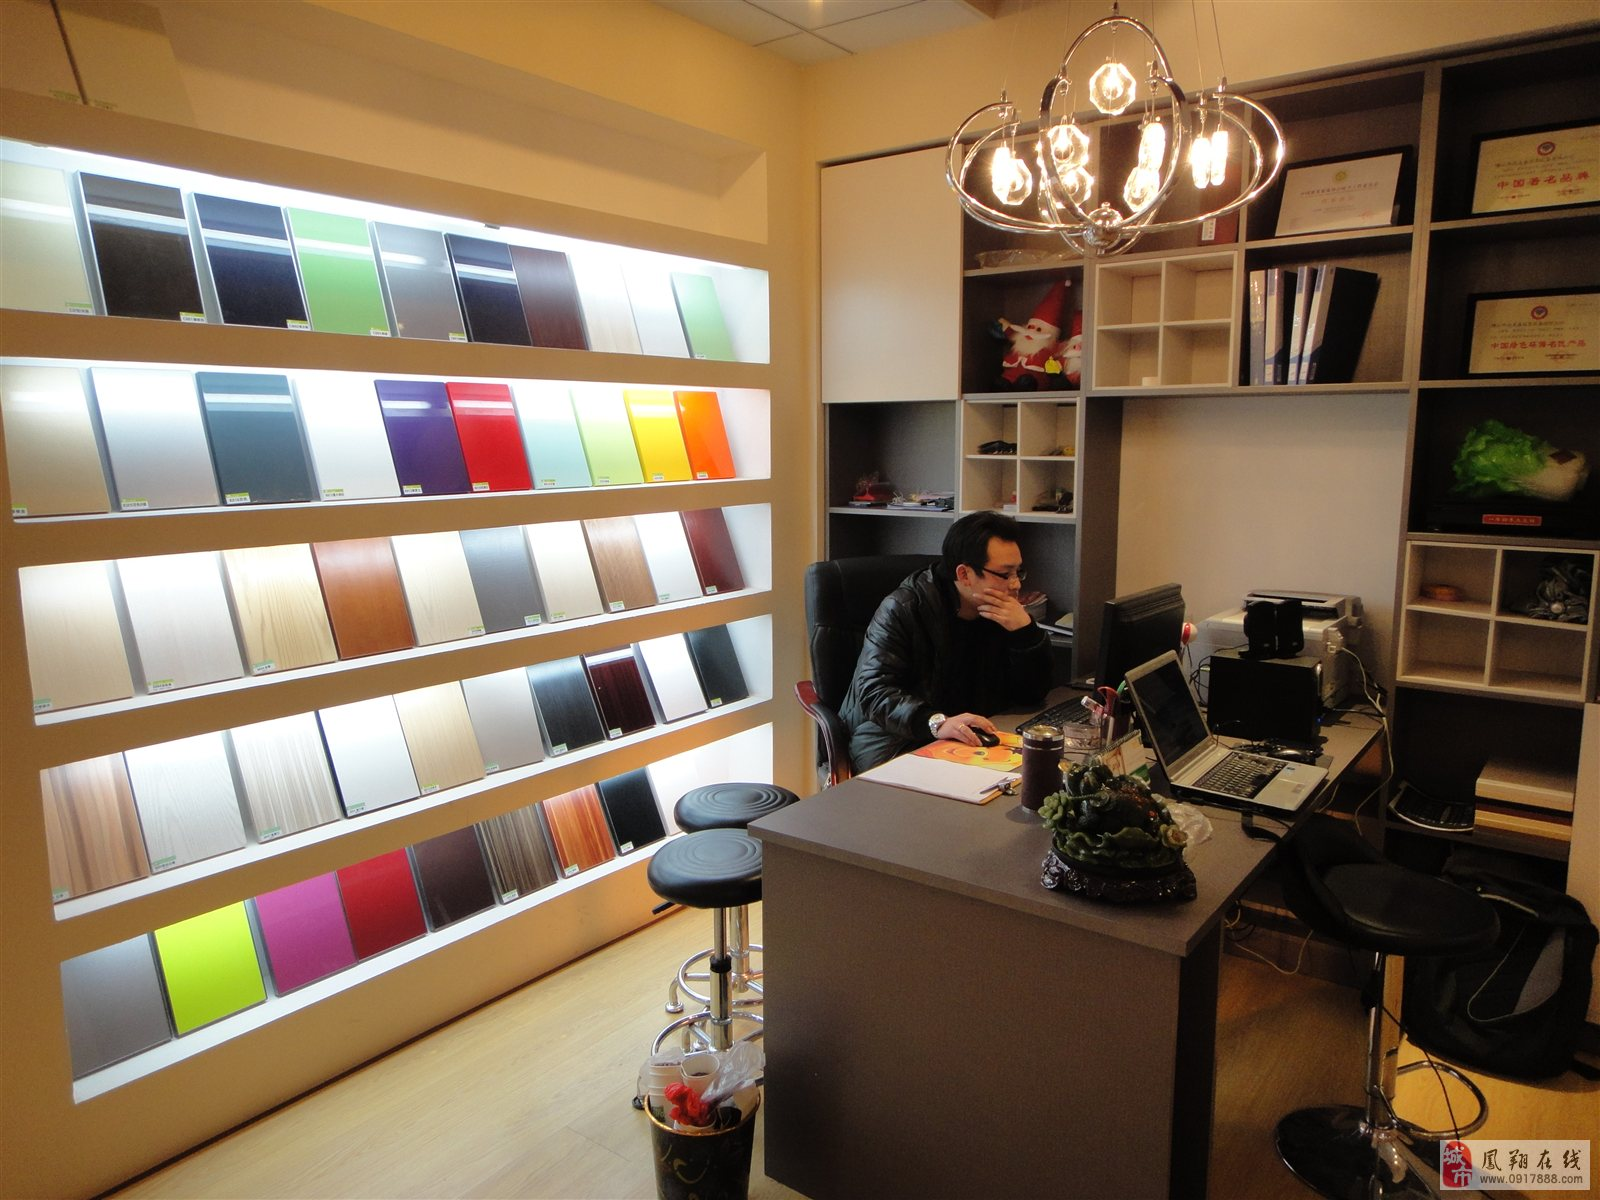 设计师 >> 招聘信息  公司名称:              香港佰怡家全屋定制